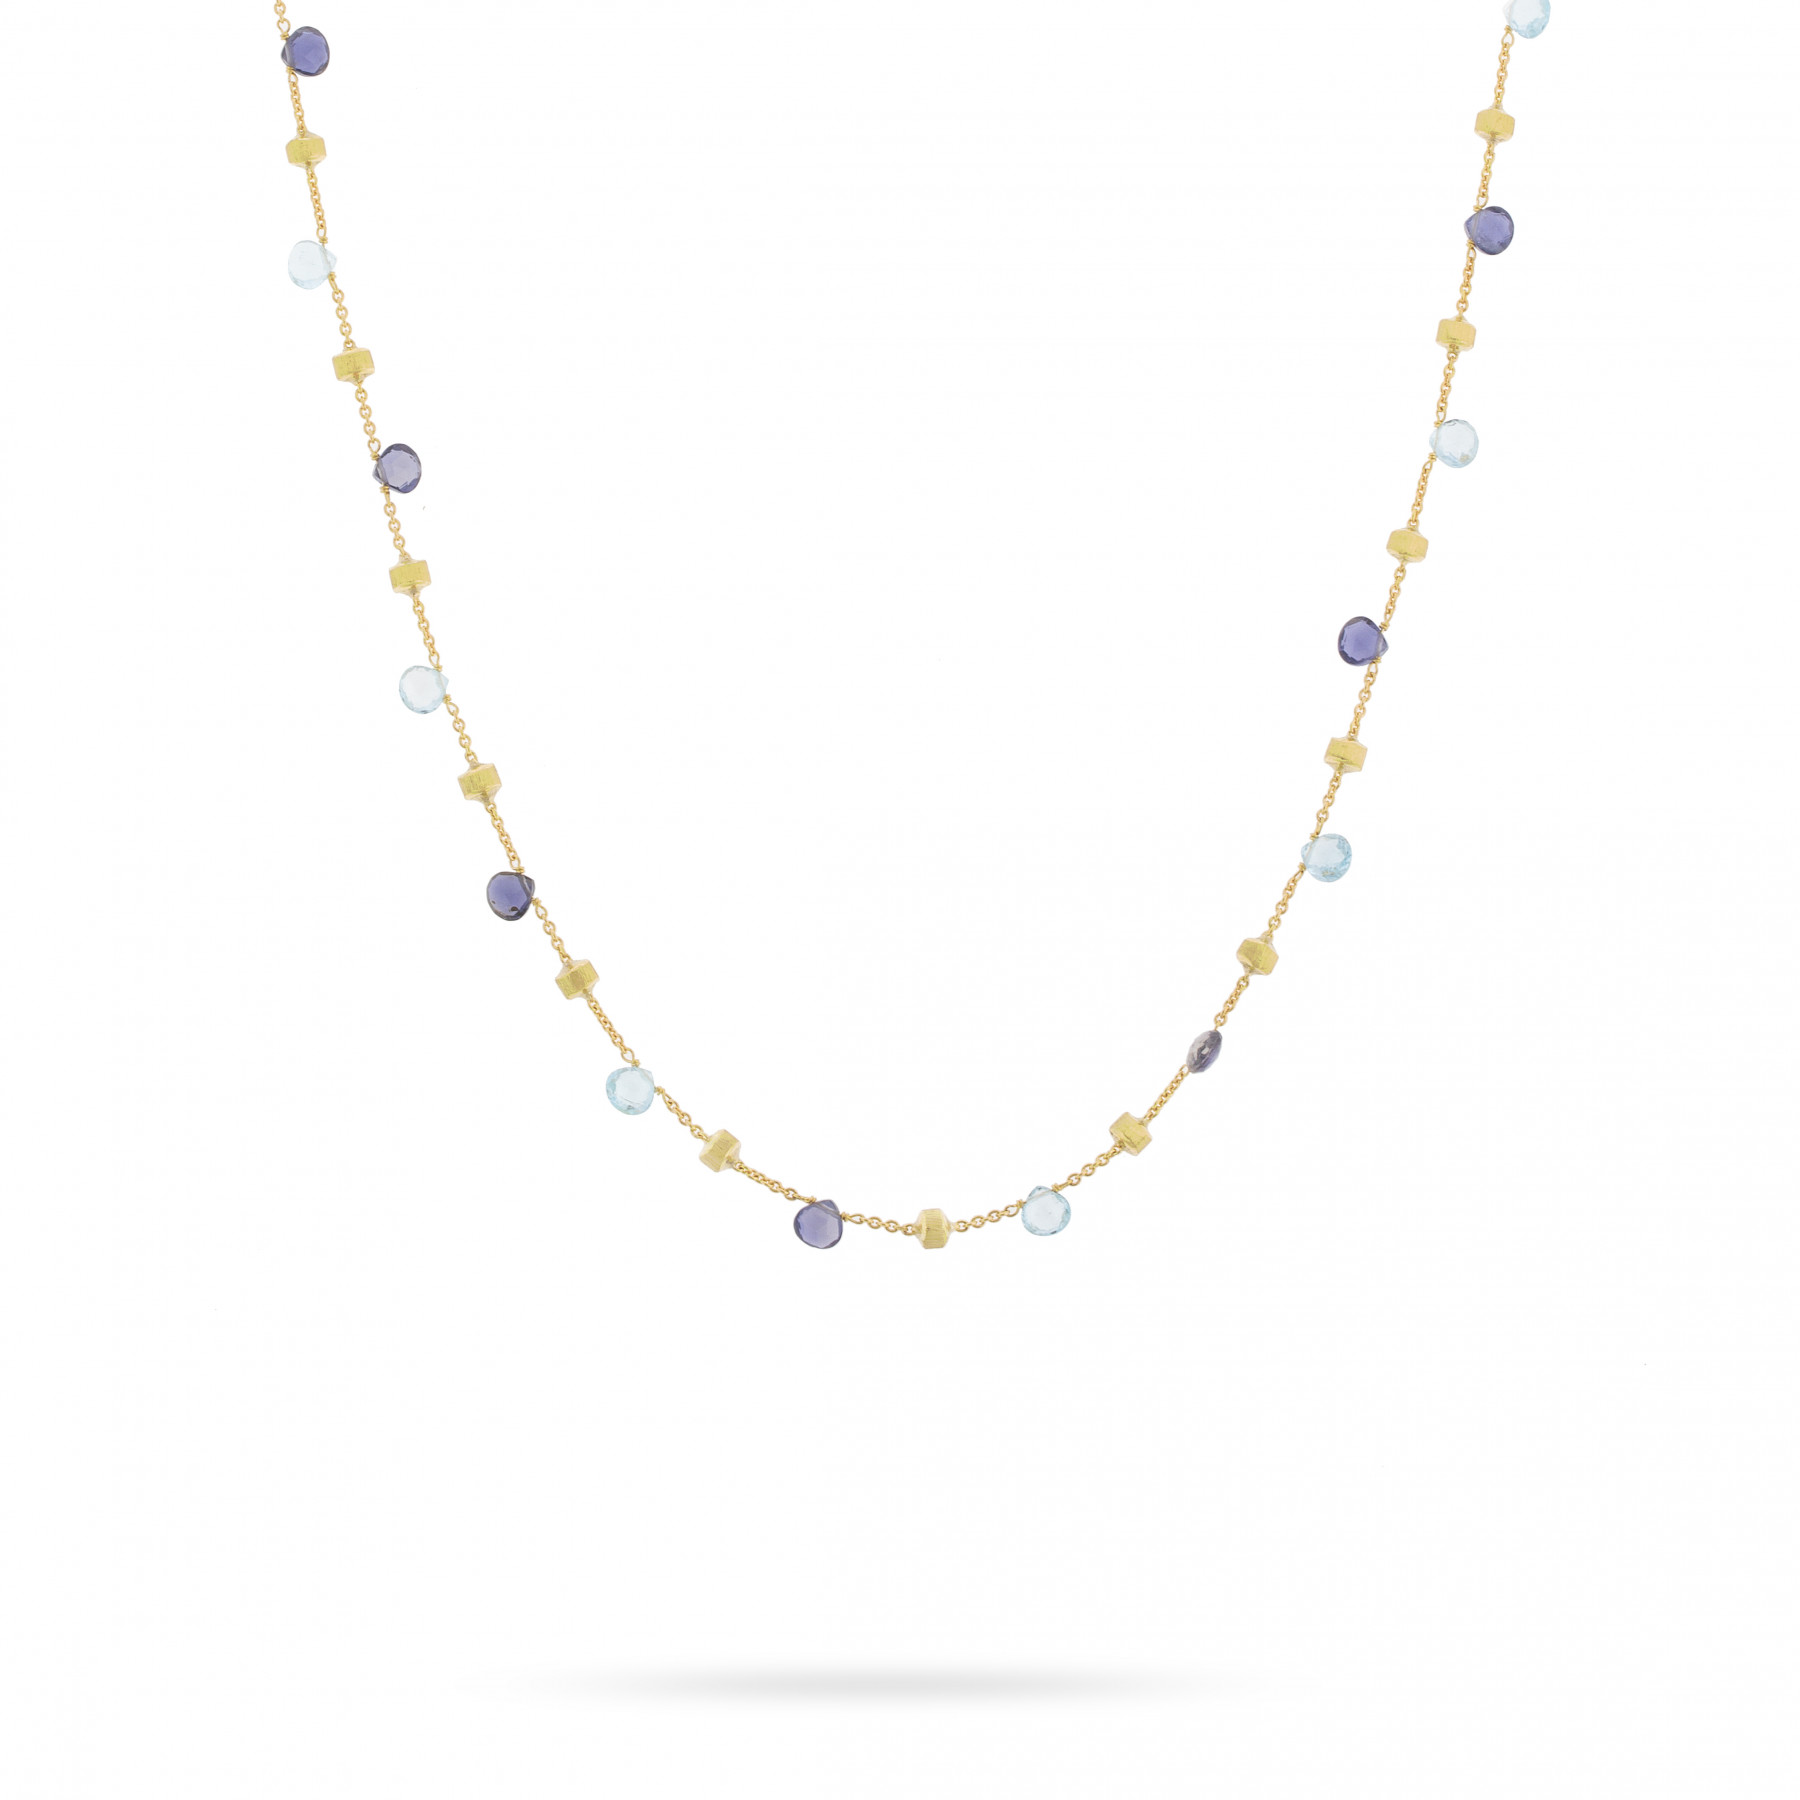 Marco Bicego Paradise 18K Gold Gemstone Necklace